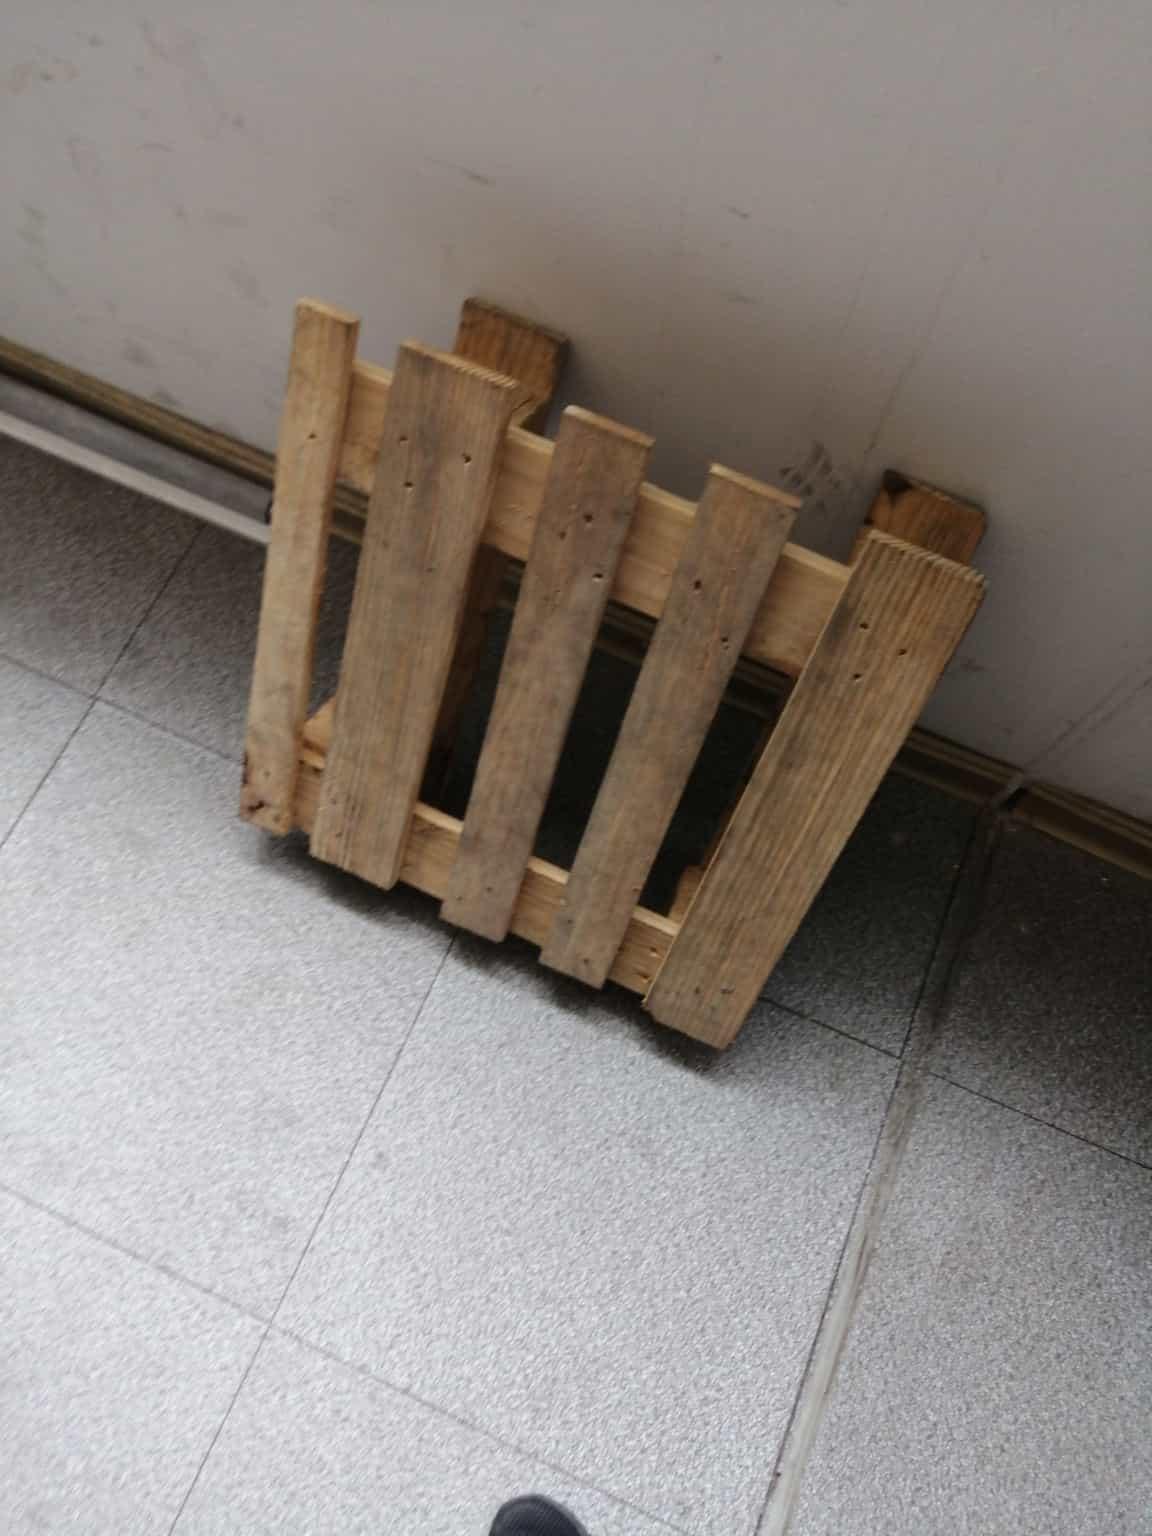 兰州木制托盘厂 - 批发厂家